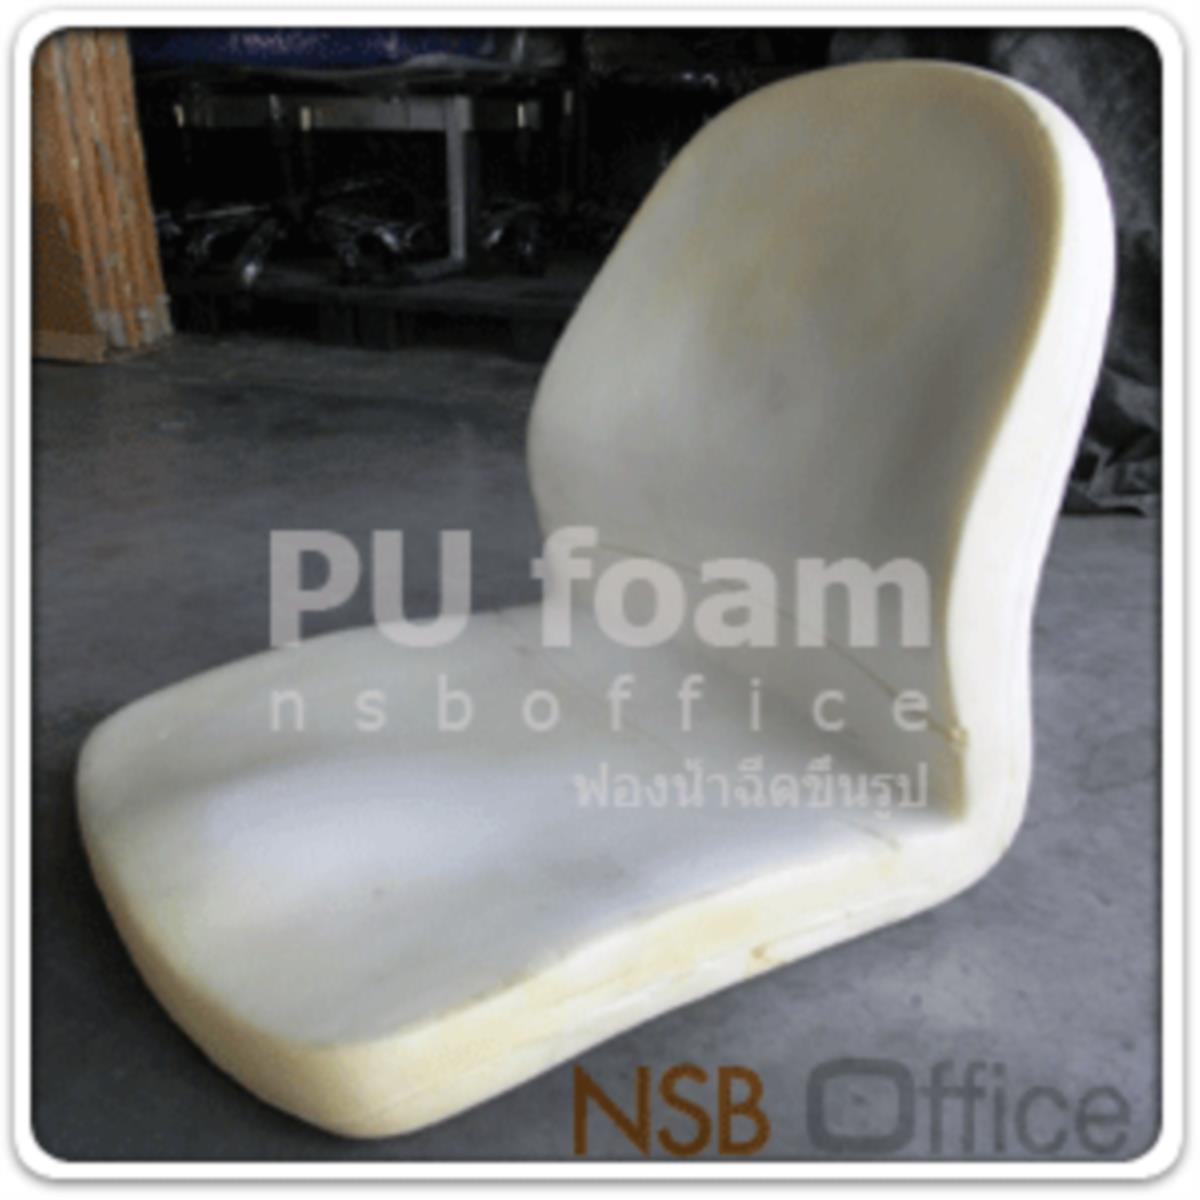 เก้าอี้สำนักงาน รุ่น Lipmann (ลิพมัน)  โช๊คแก๊ส มีก้อนโยก ขาเหล็กชุบโครเมี่ยม